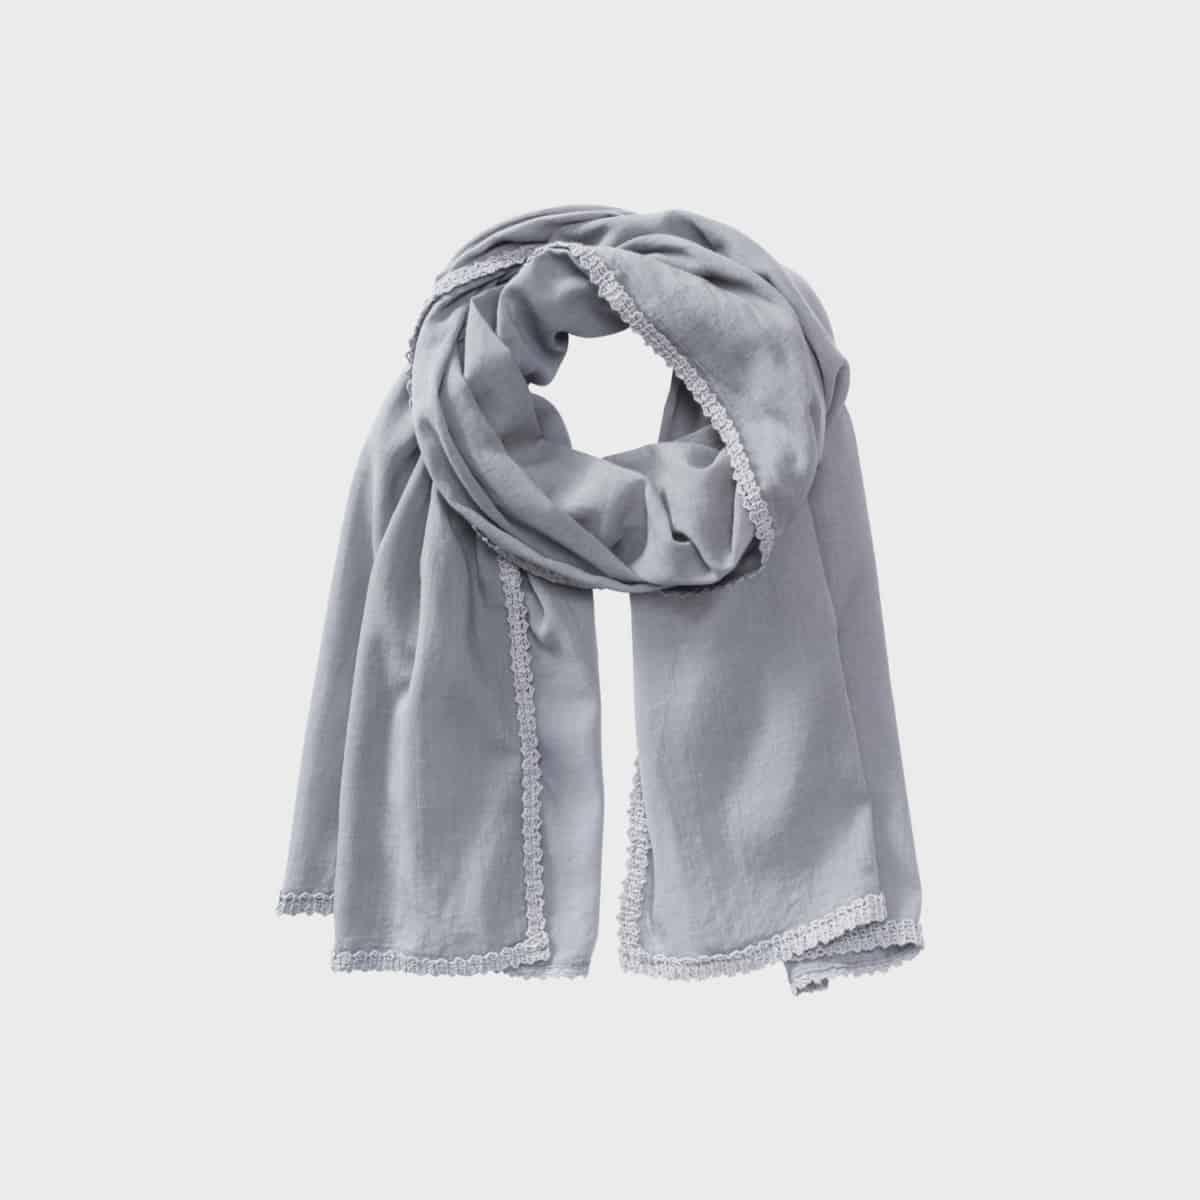 Baumwoll-Schal-kaufen-besticken_StickManufaktur